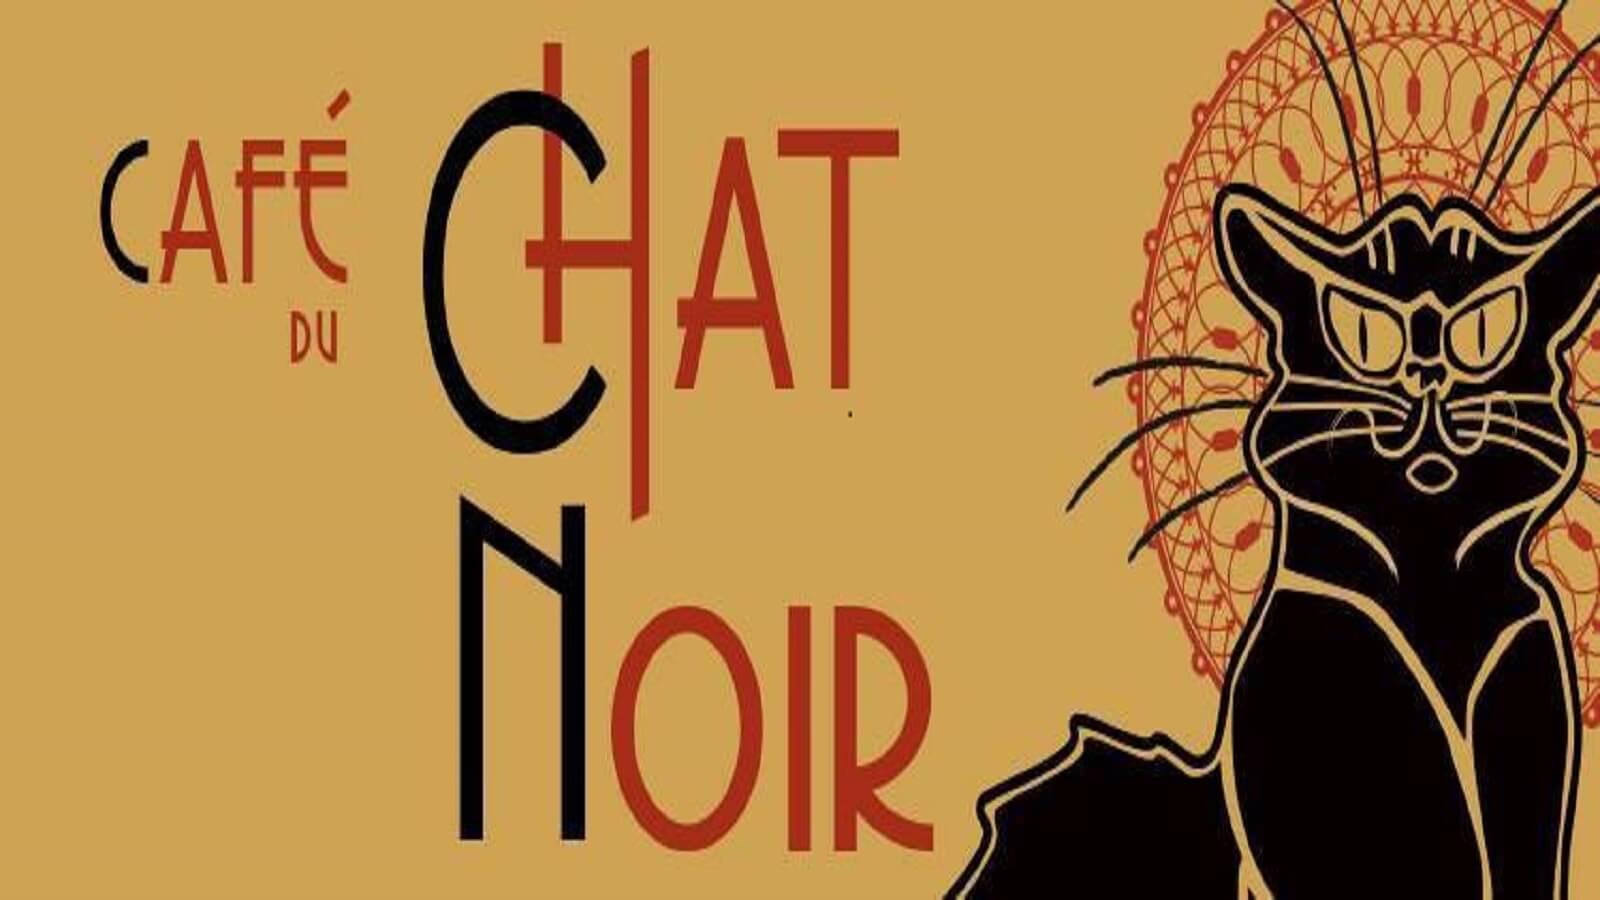 Cafe du Chat Noir Ltd